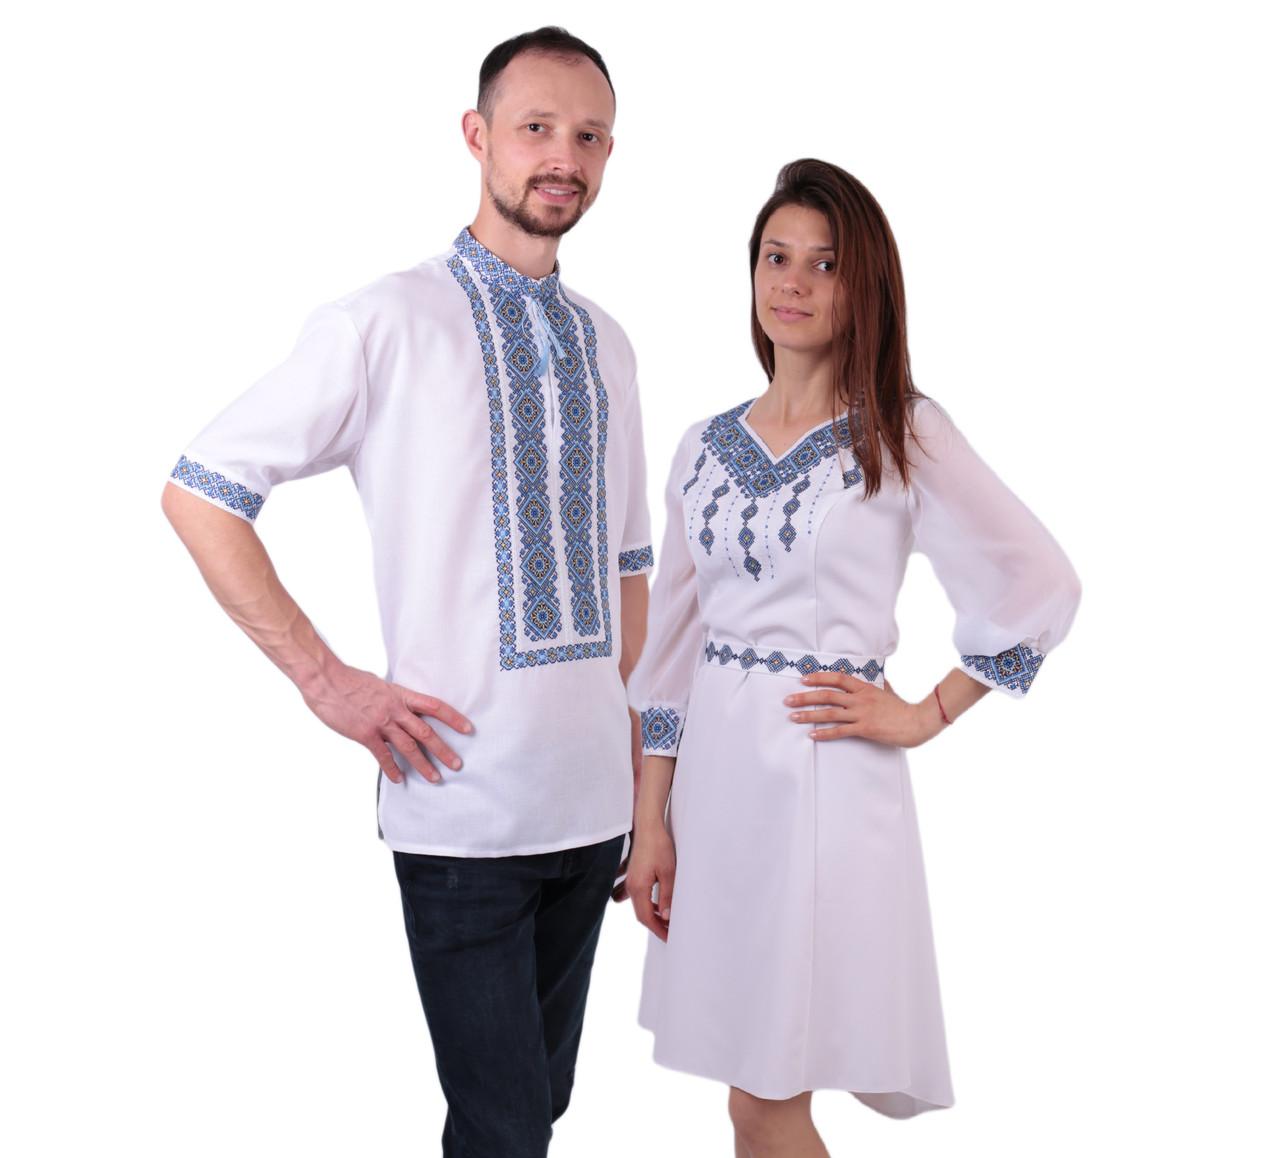 Пара вишиванок білого кольору з голубим орнаментом з машинною вишивкою недорого